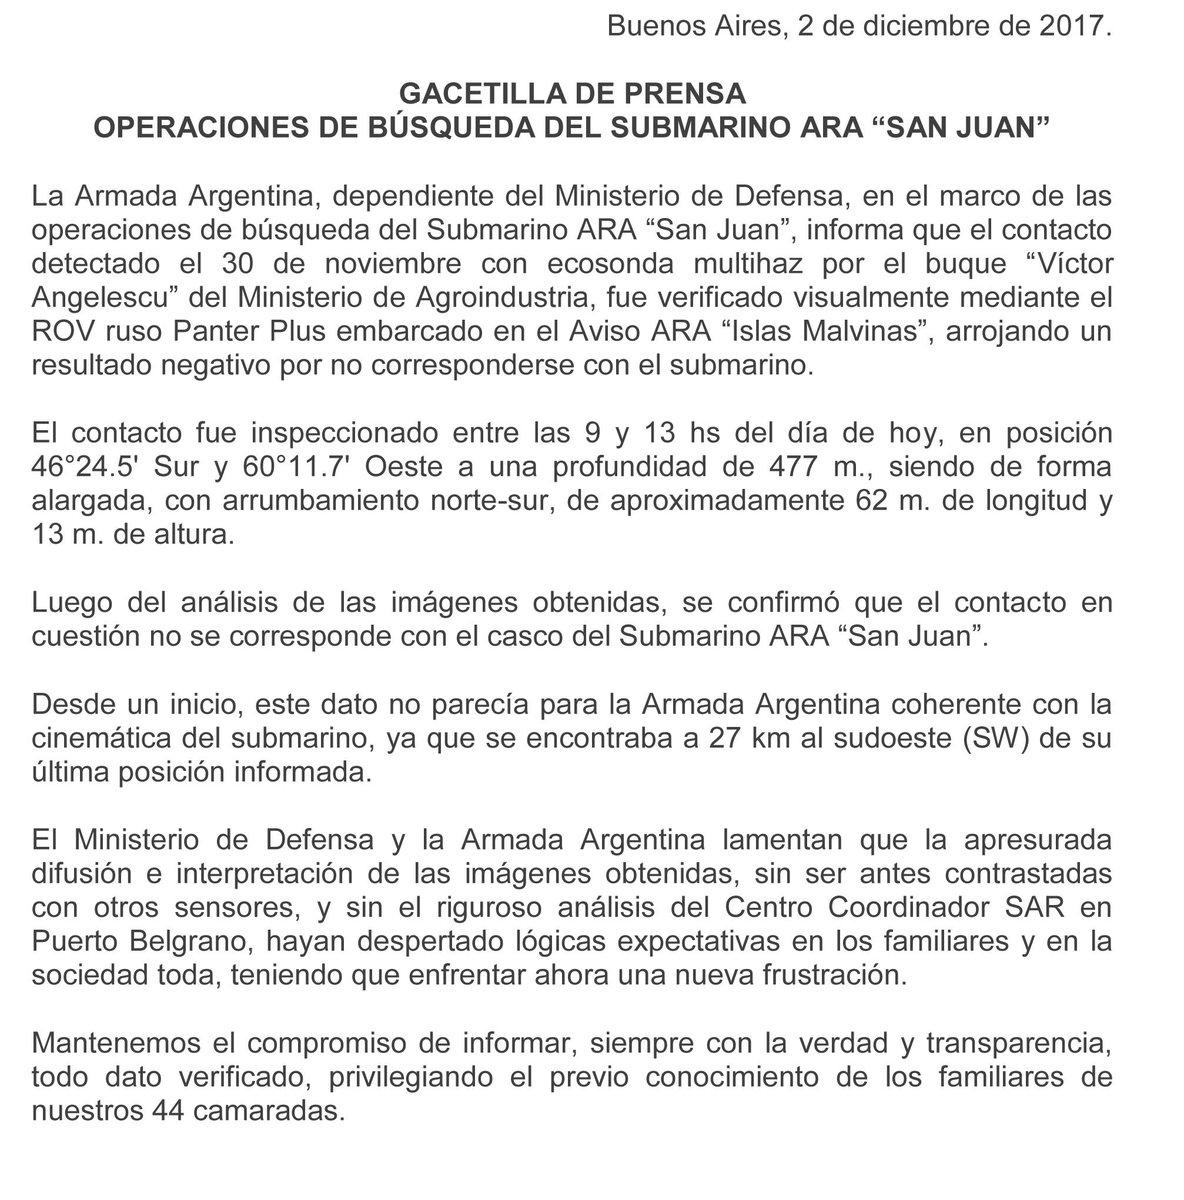 Ara San Juan, el ahora olvidado submarino Argentino desaparecido con 44 tripulantes a bordo - Página 3 DQFF8XaWkAAsA7X